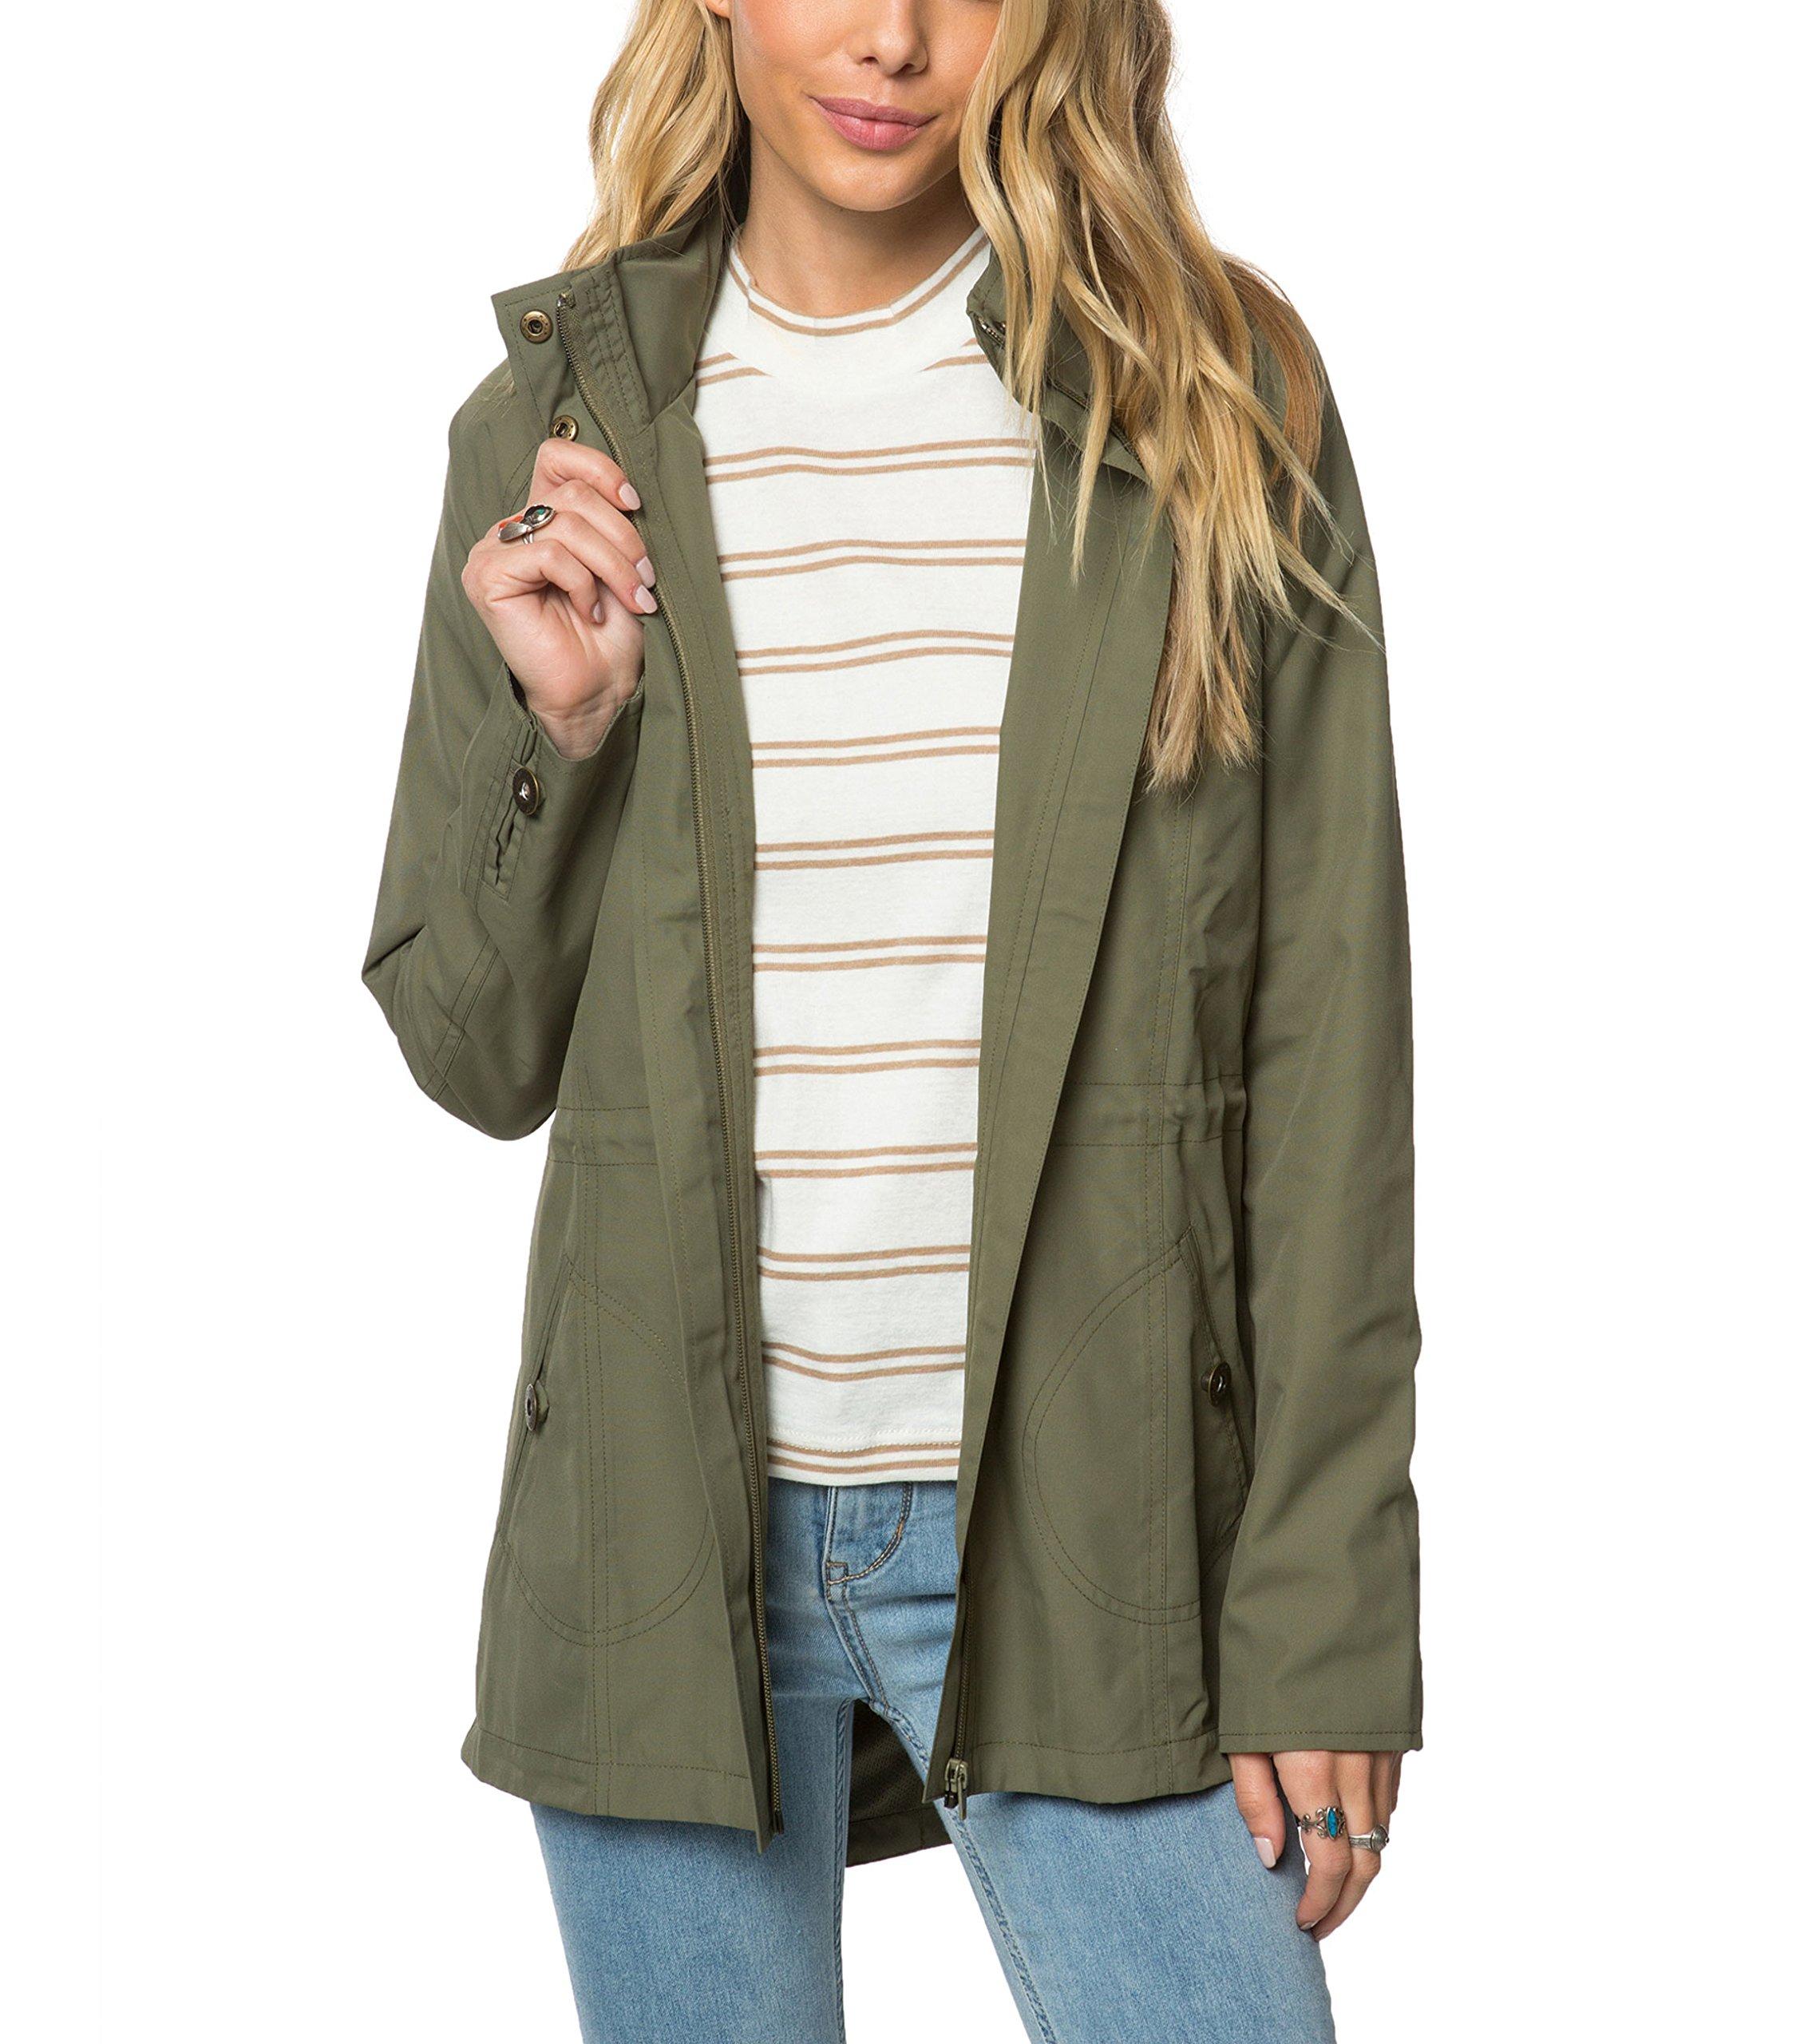 O'Neill Women's Wendy Water Proof Rain Jacket, Moss/Olive, S